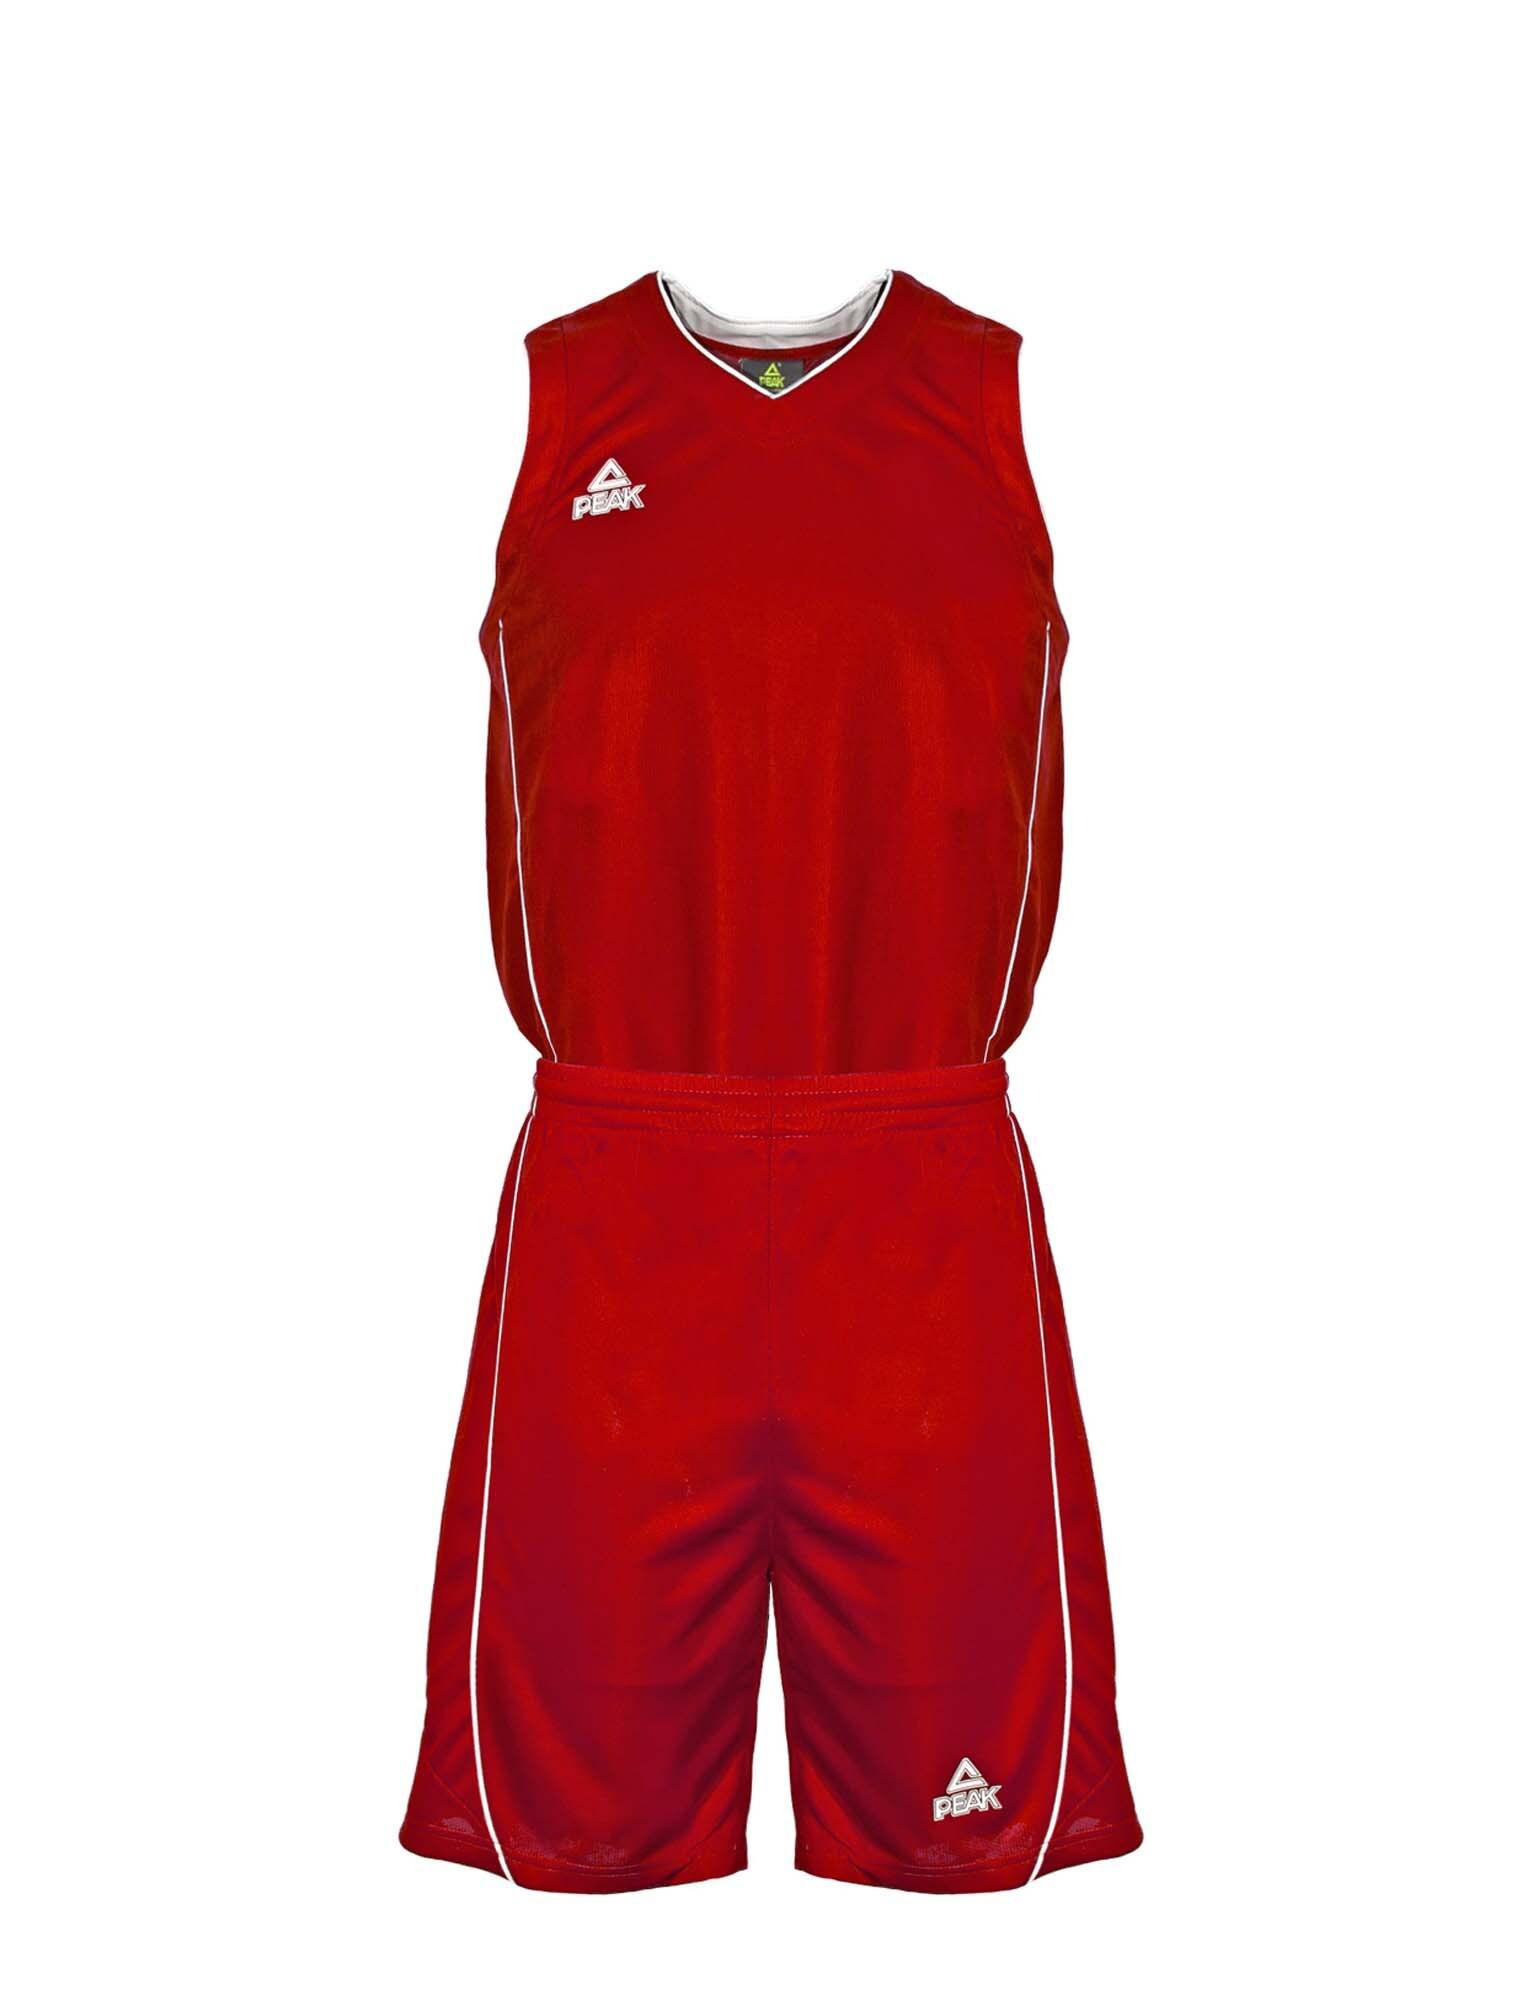 Trikot-Set | Bekleidung > Jacken > Trainingsjacken | Rot - Weiß | Peak